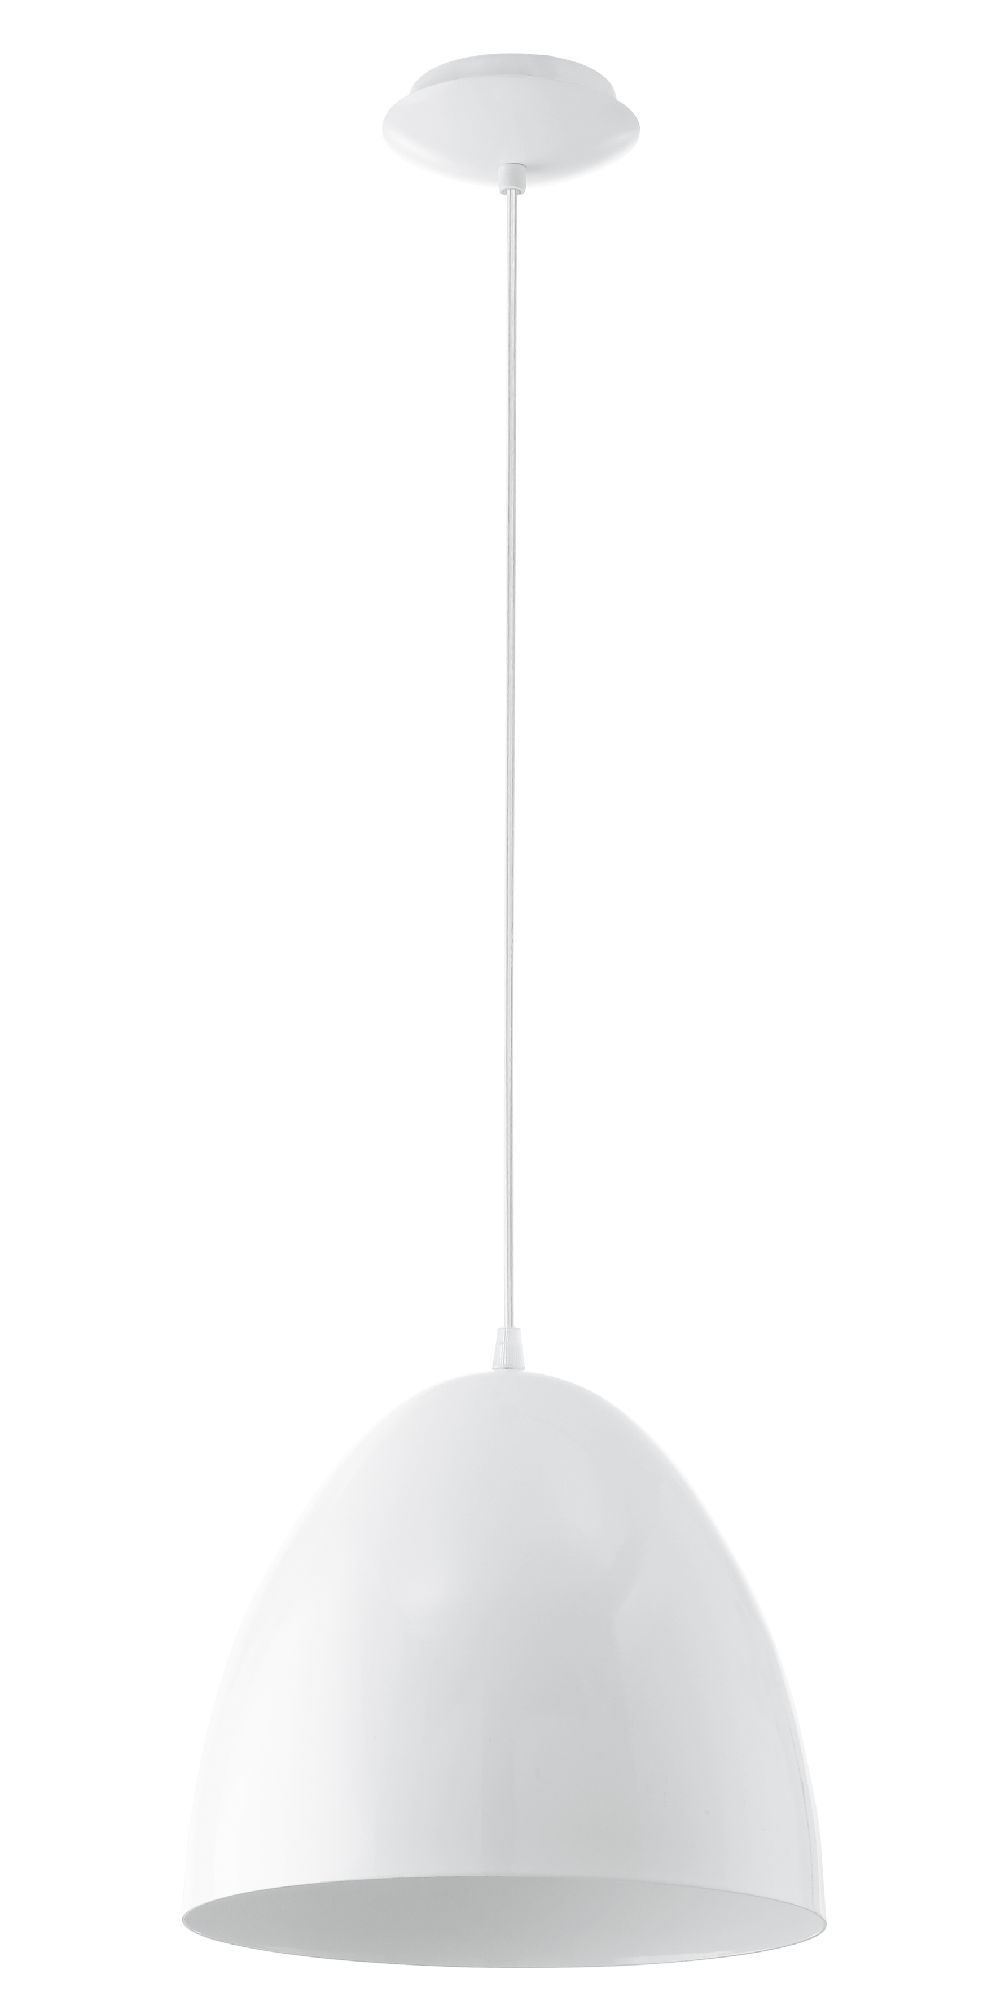 Buitenstopcontact met schakelaar verticaal wit uw